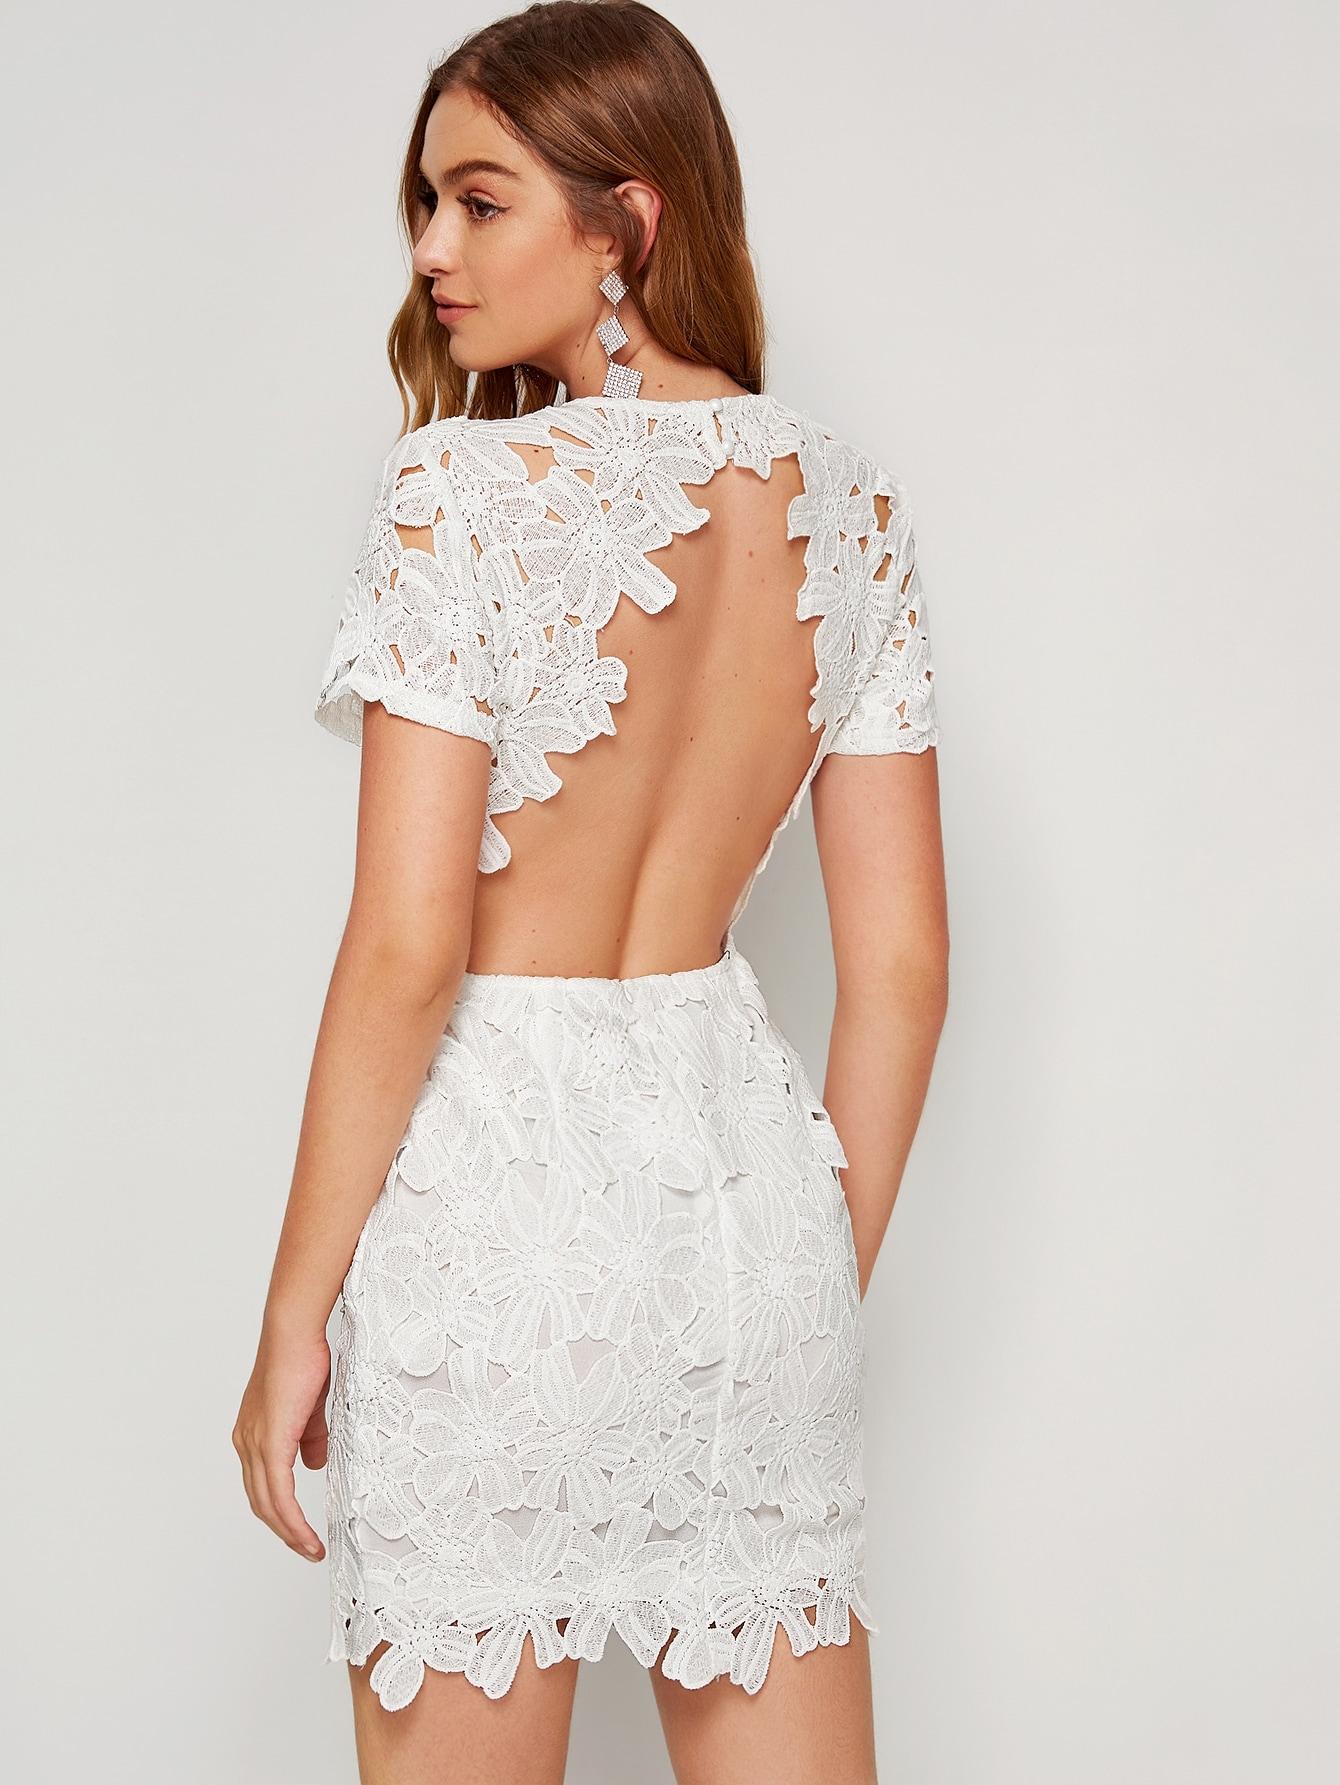 Фото - Облегающее кружевное платье с открытой спинкой от SheIn цвет белые